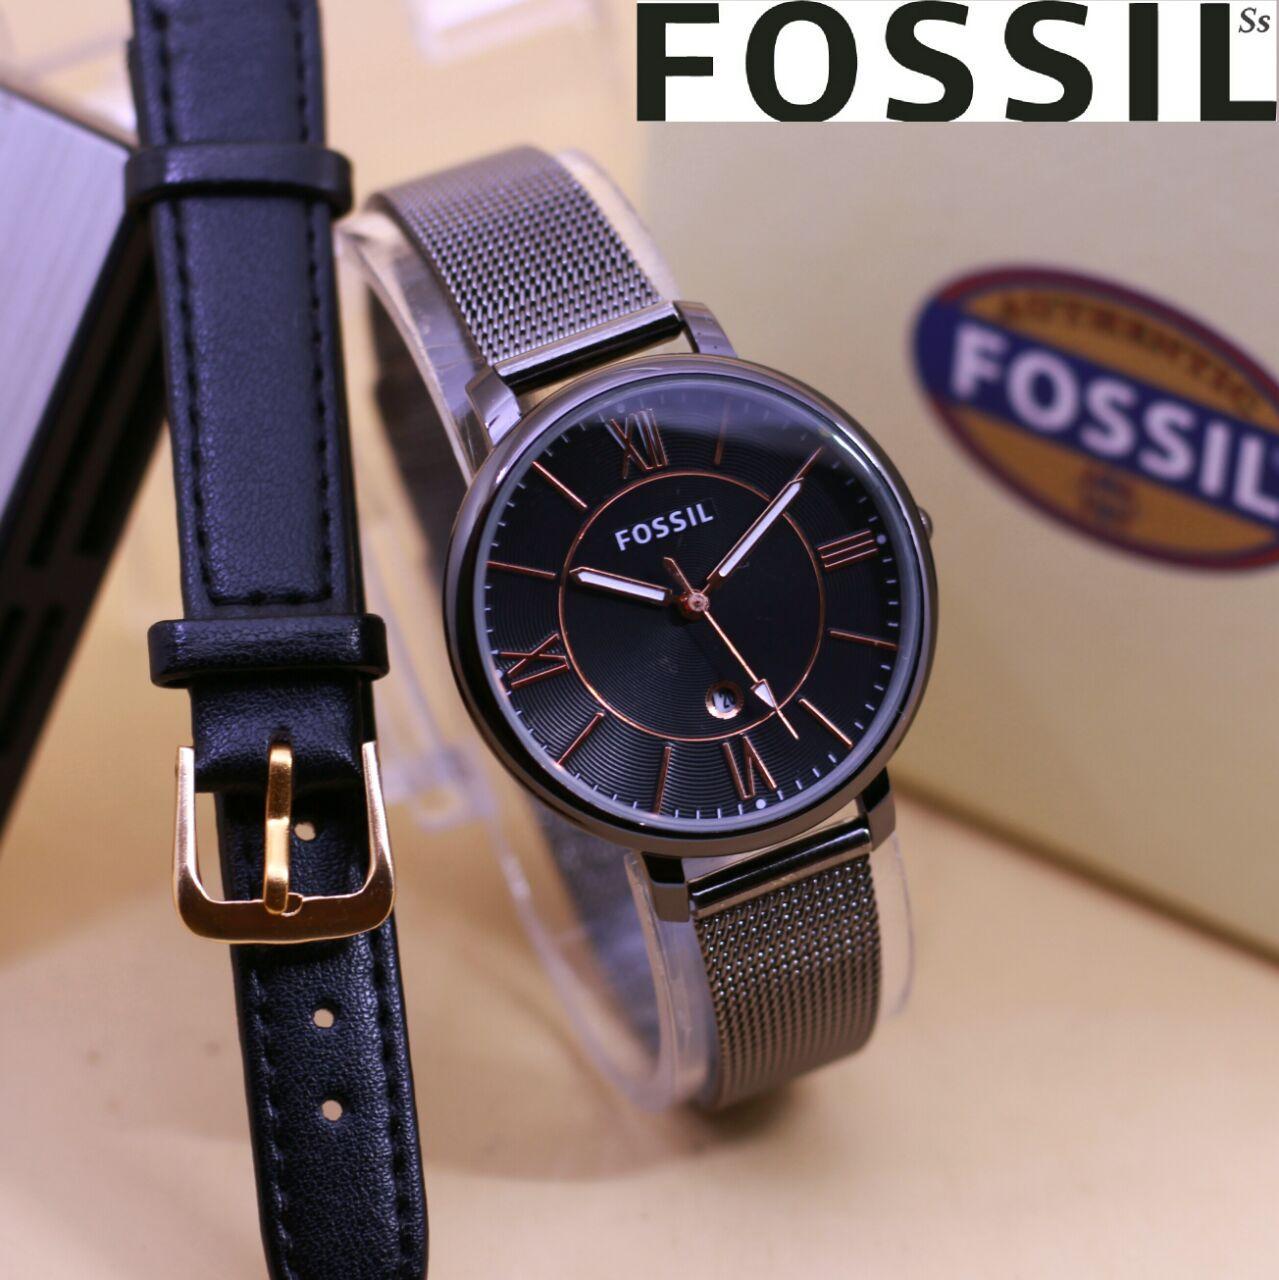 Fossil jam tangan wanita rantai pasir lengkap dengan box dan tali cadangan